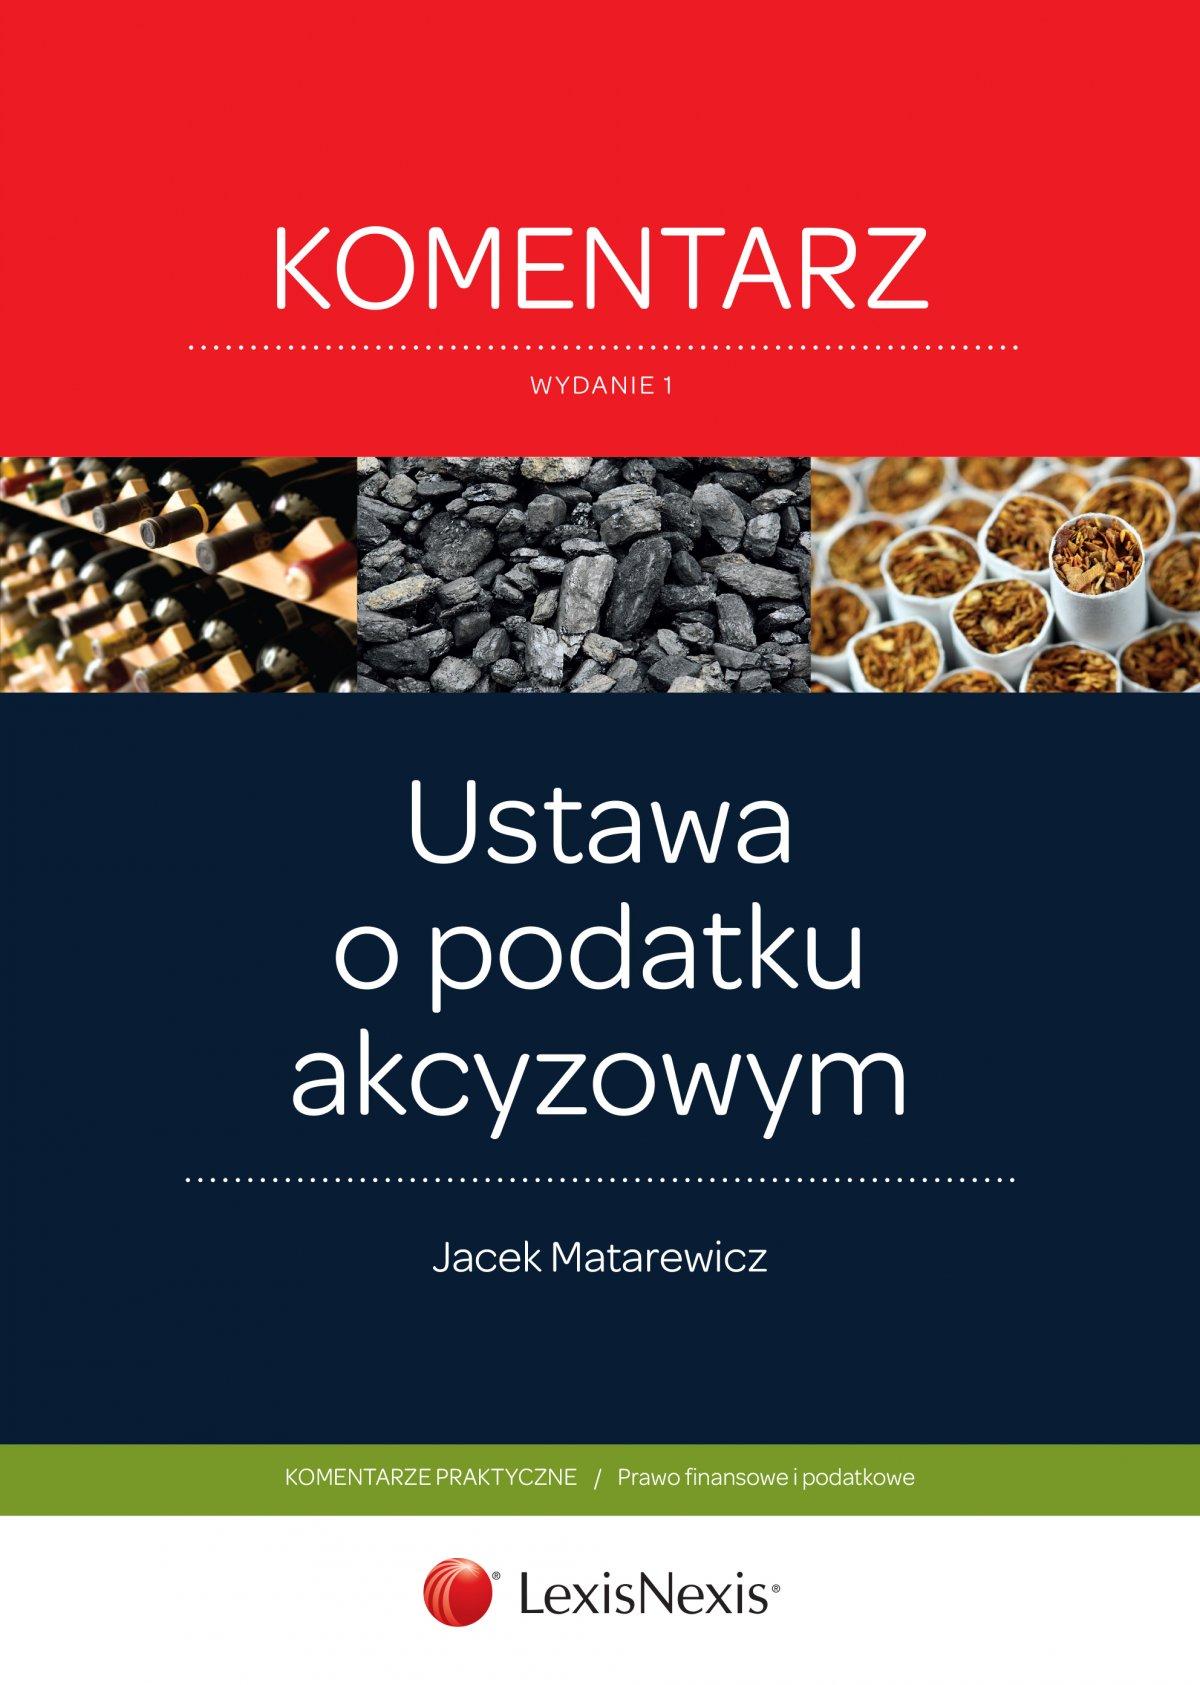 Podatek akcyzowy. Komentarz. Wydanie 1 - Ebook (Książka EPUB) do pobrania w formacie EPUB